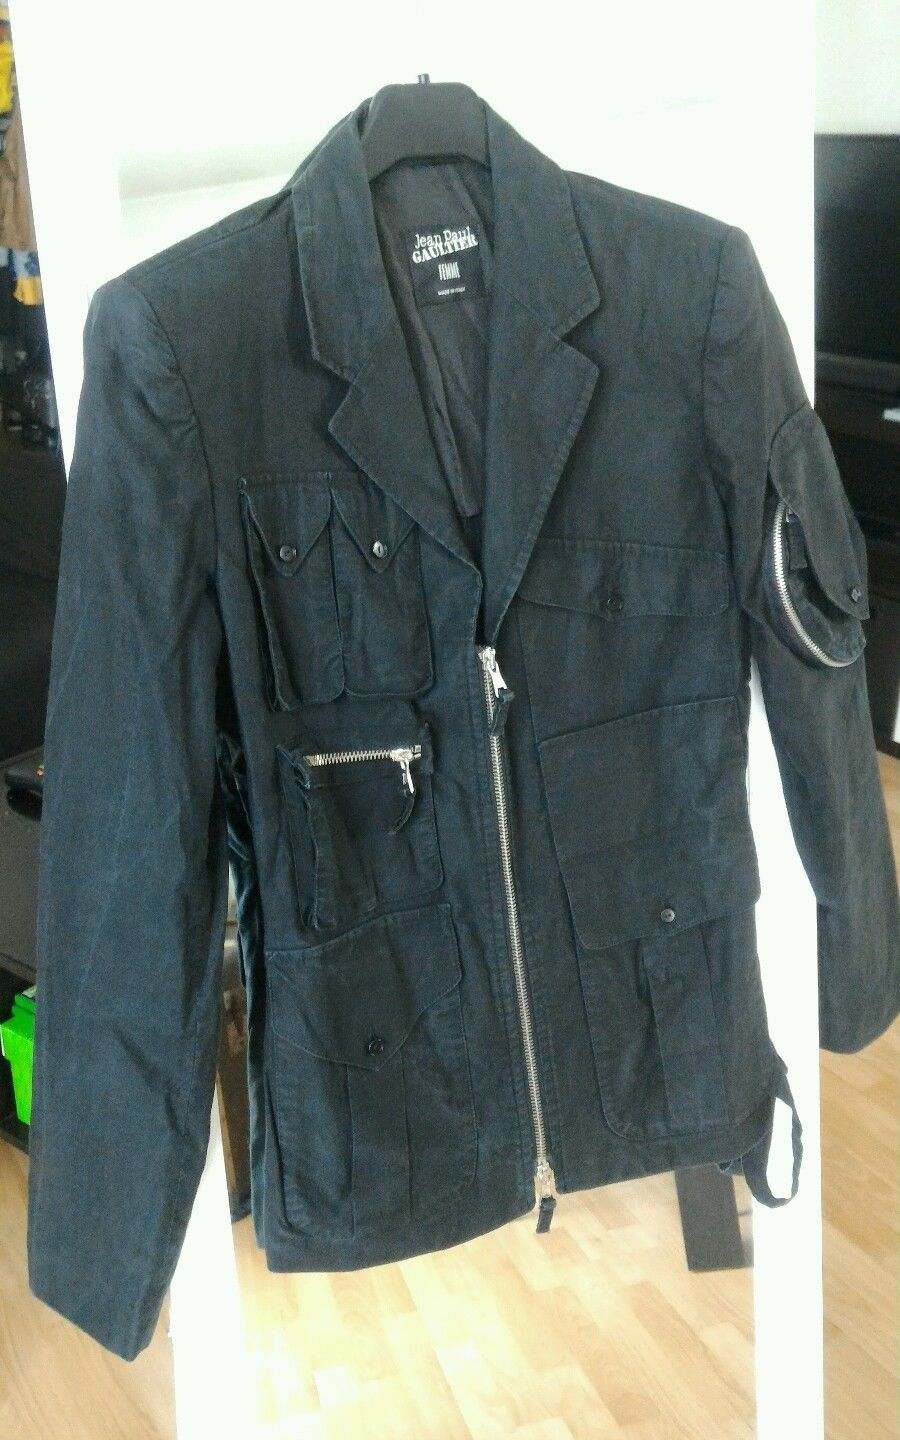 Gaultier En 36 Coton Mode Paul Noire Veste Femme Jean Taille 4X85wTxqT